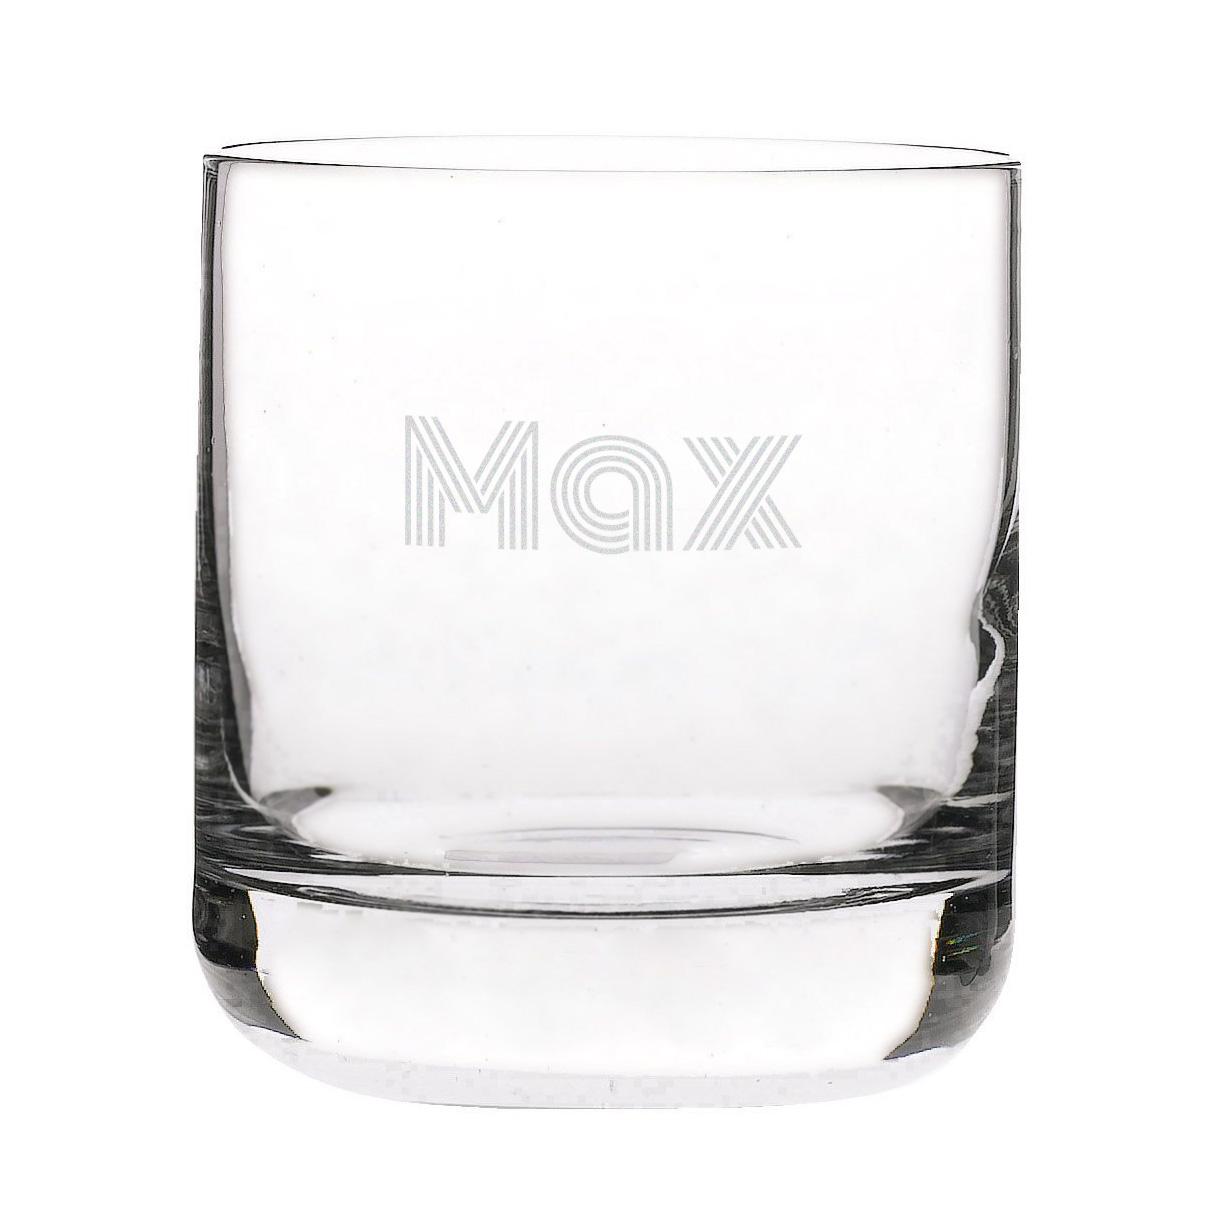 Whiskyglas met eigen tekst of naam